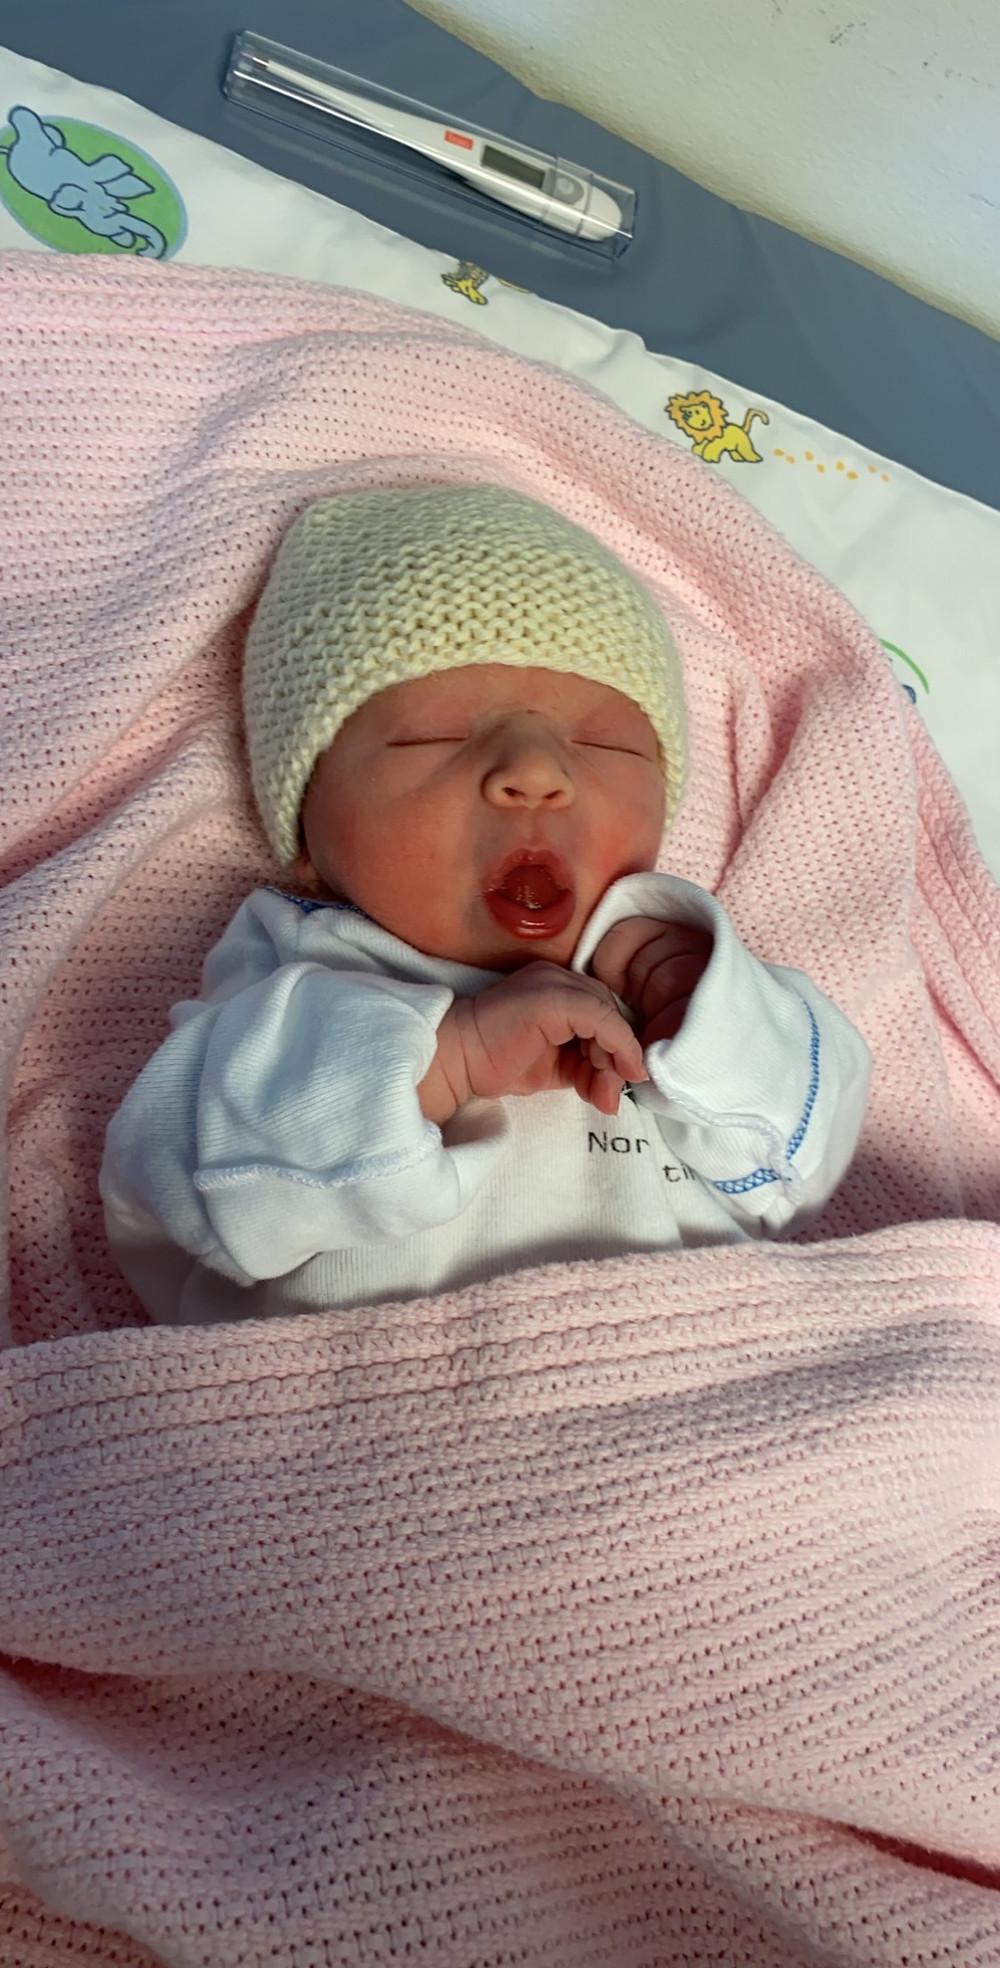 Editas fødsel ble annerledes enn hun hadde sett for seg